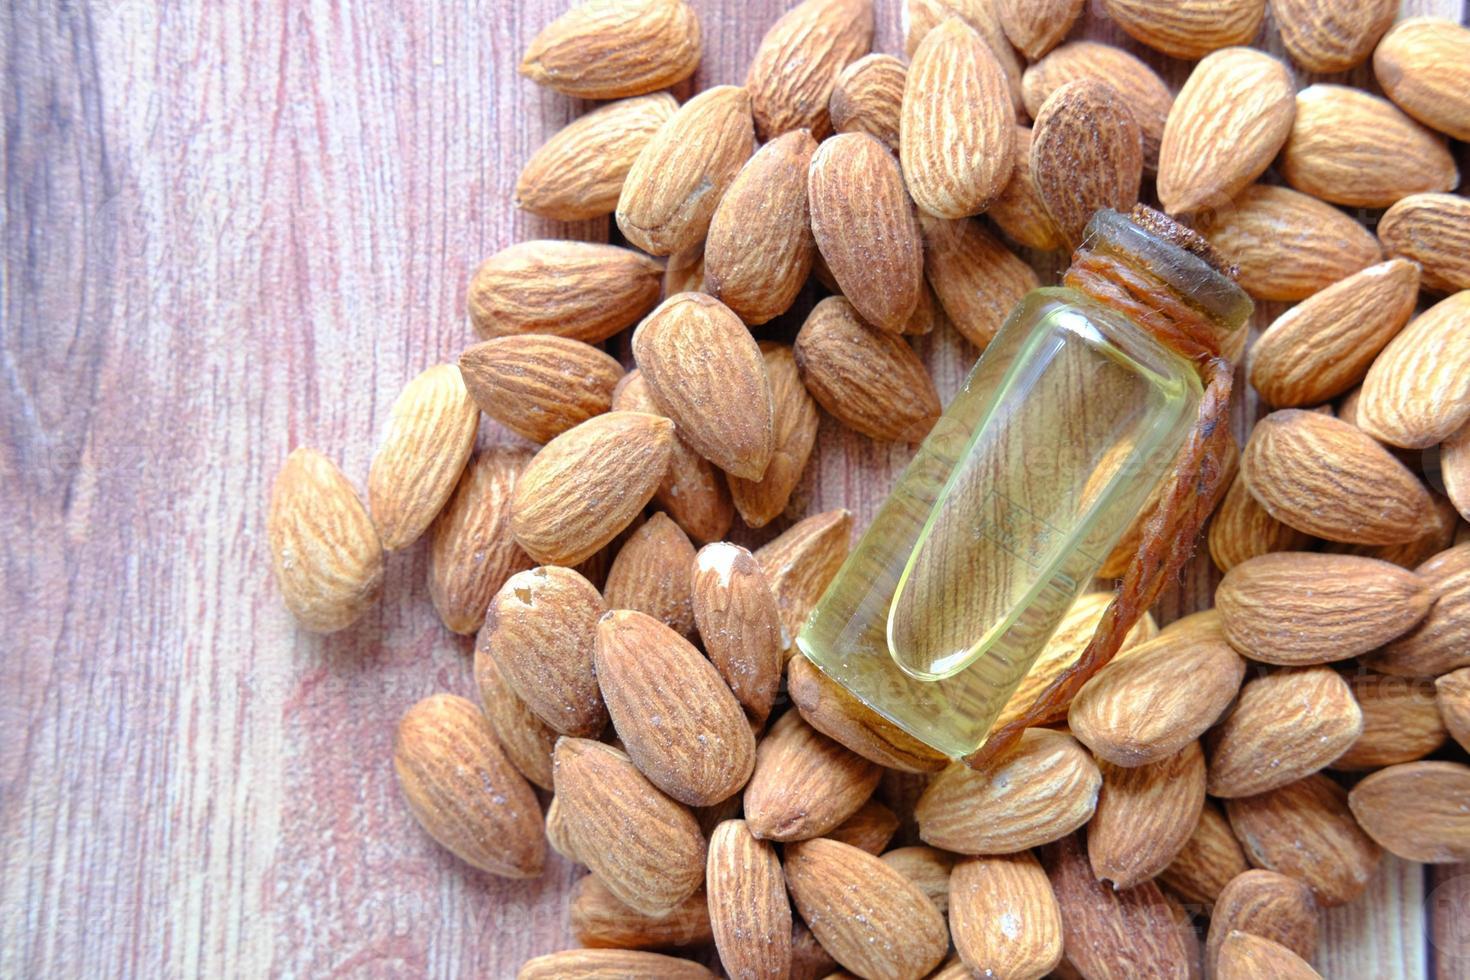 Mandelöl in der Flasche auf hölzernem Hintergrund foto